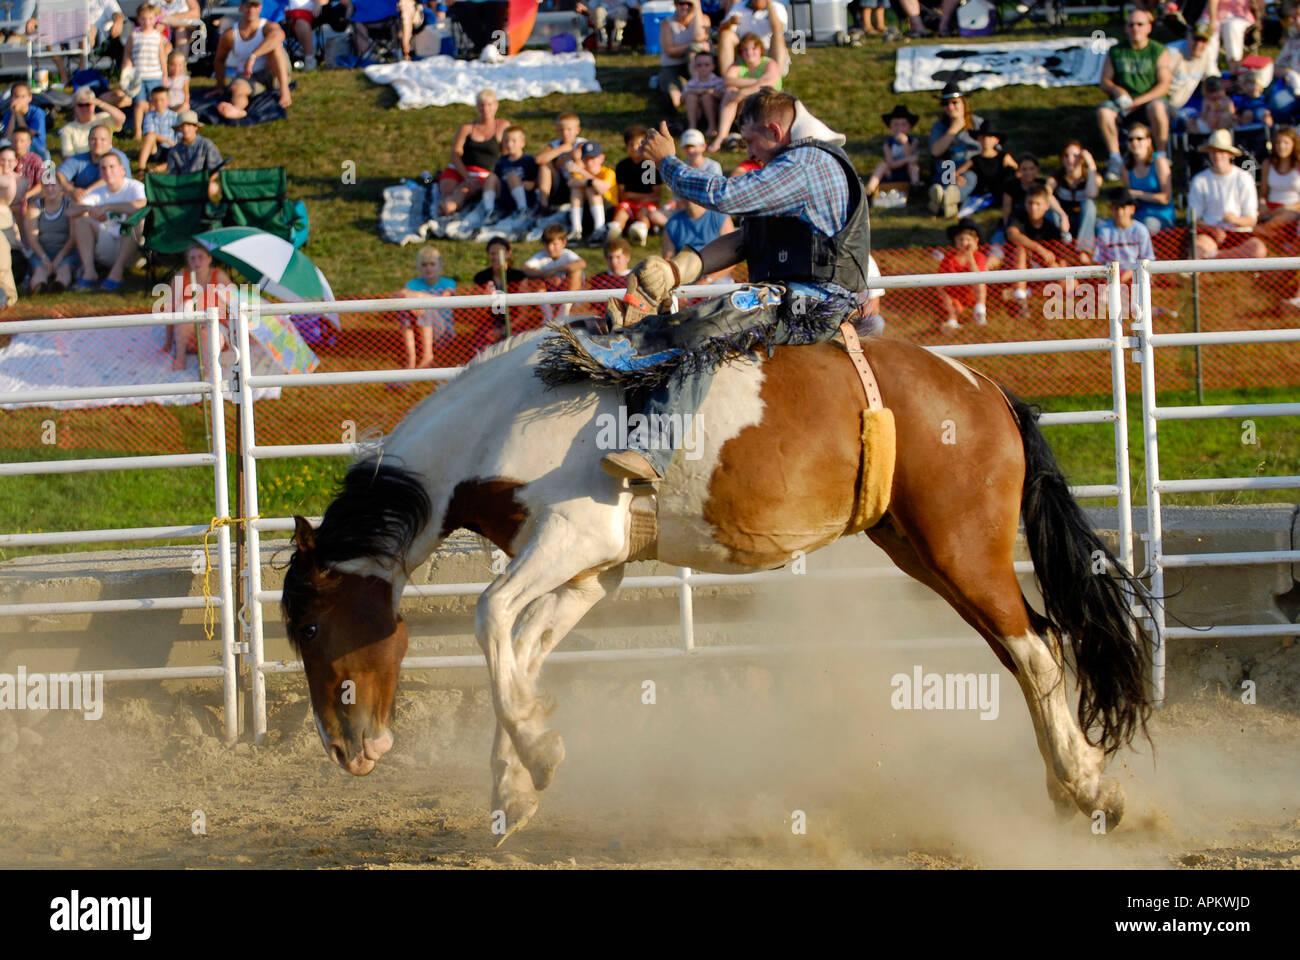 Cowboys teilnehmen im Rodeo Horse Riding-event Stockbild